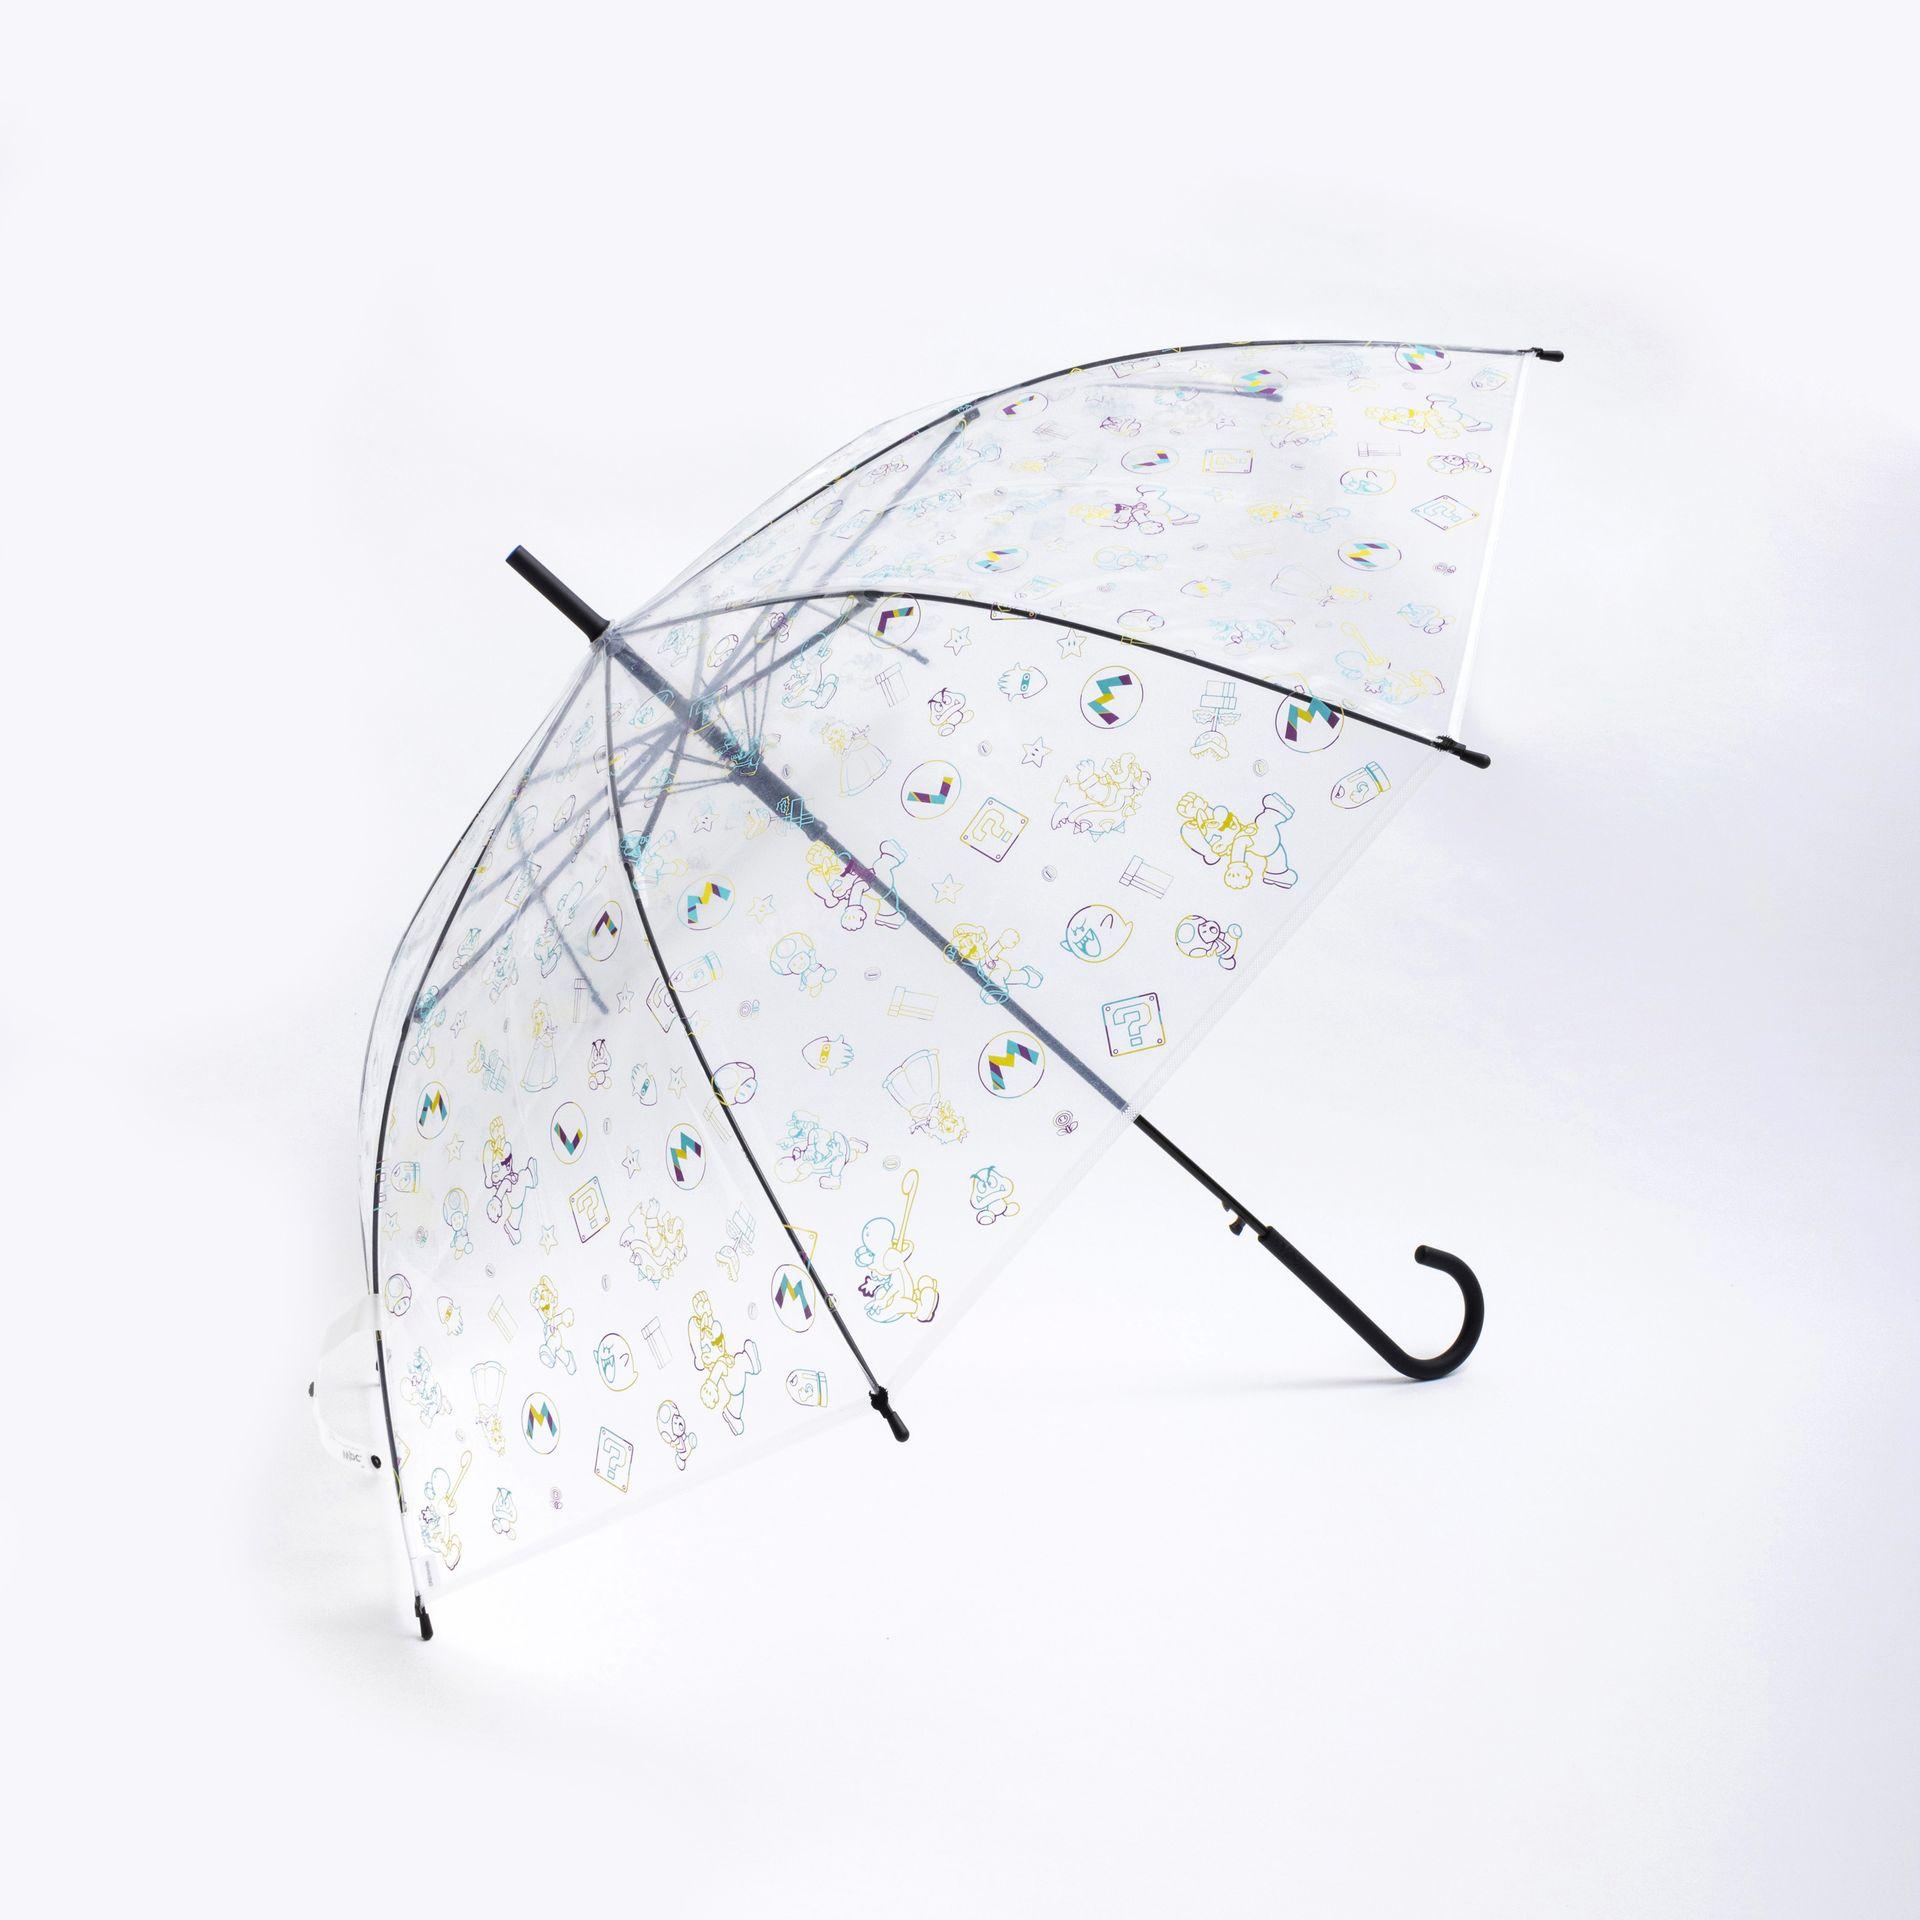 ネオンカラーで雨の日も楽しい気持ちに!